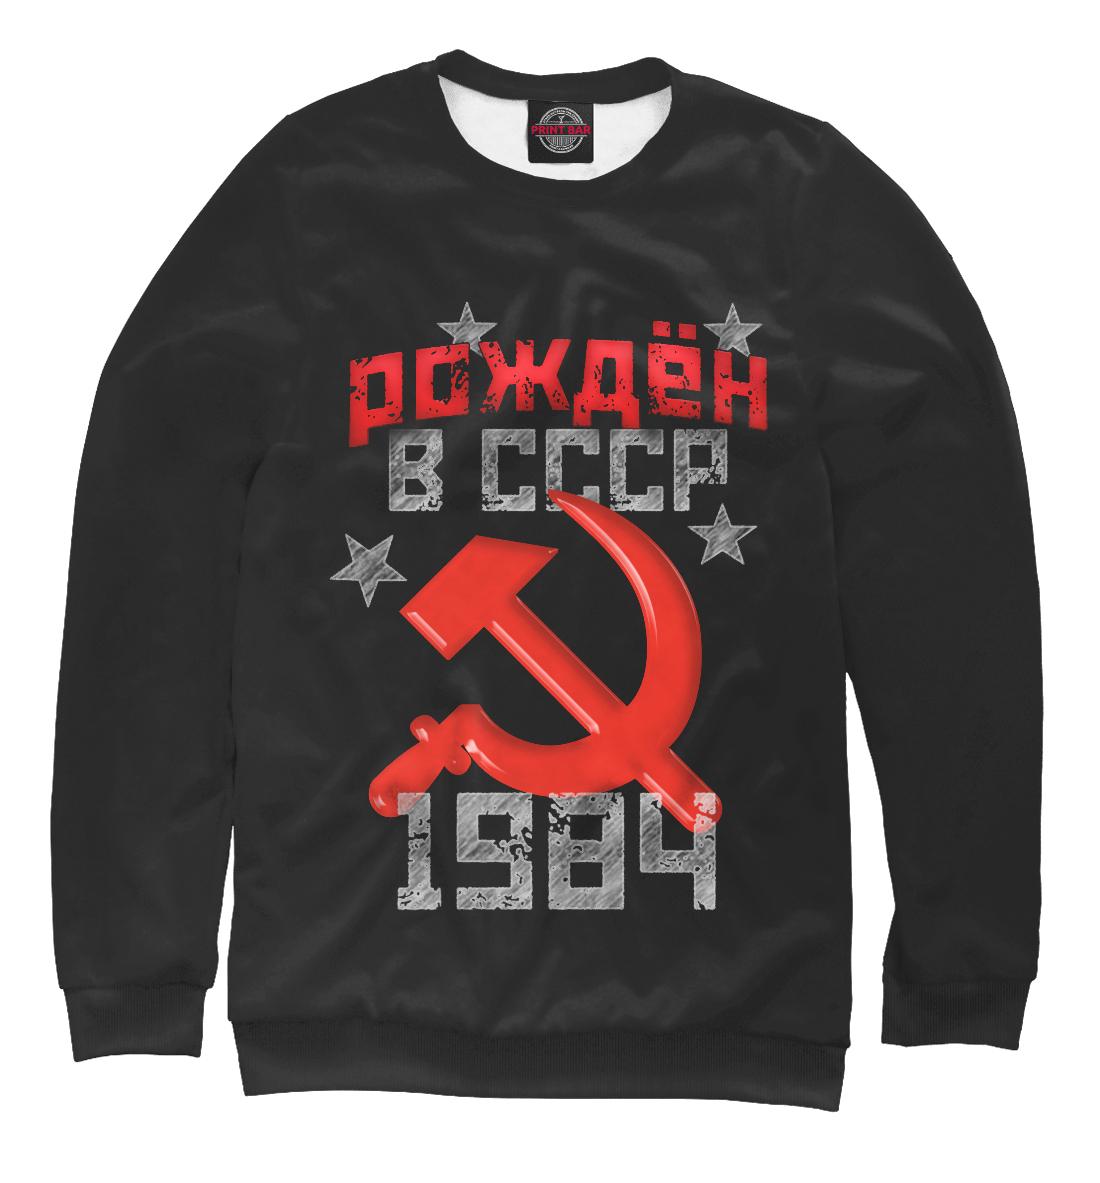 Купить Рожден в СССР 1984, Printbar, Свитшоты, DVC-425499-swi-1